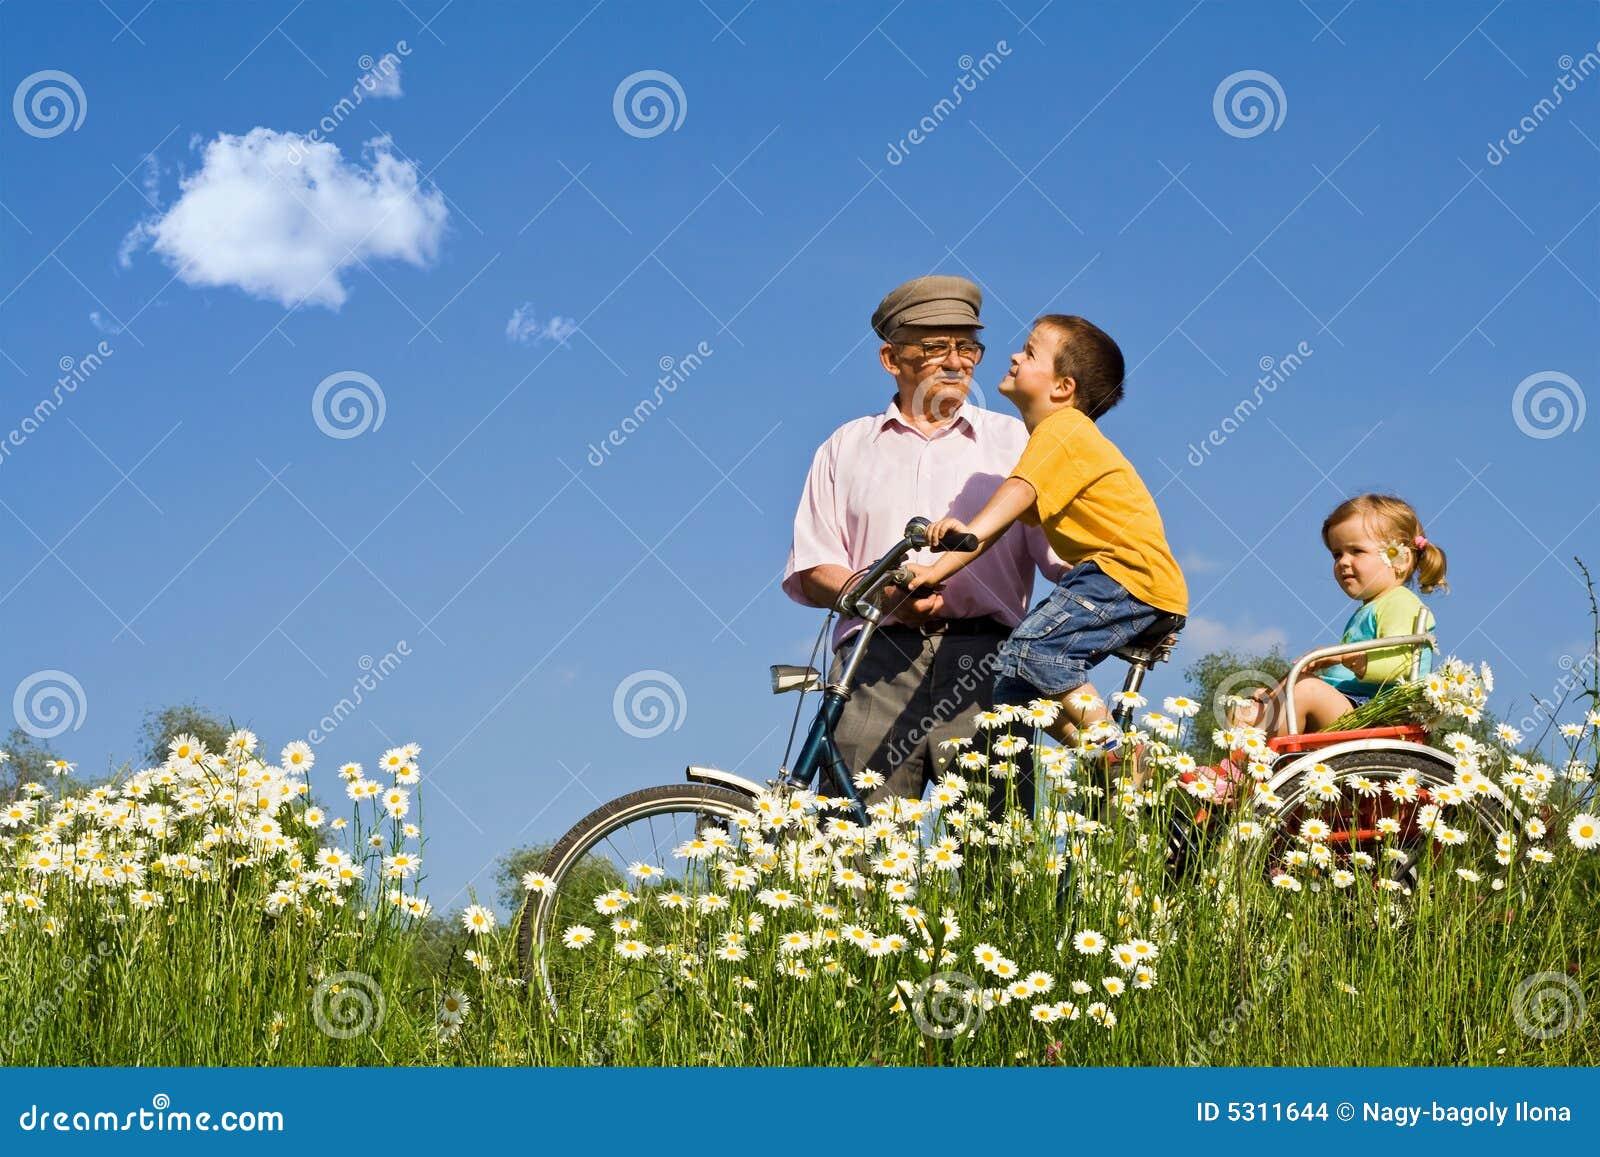 Download Giro Di Bycycle Con Il Grandpa Nella Sorgente Fotografia Stock - Immagine di preoccuparsi, libertà: 5311644